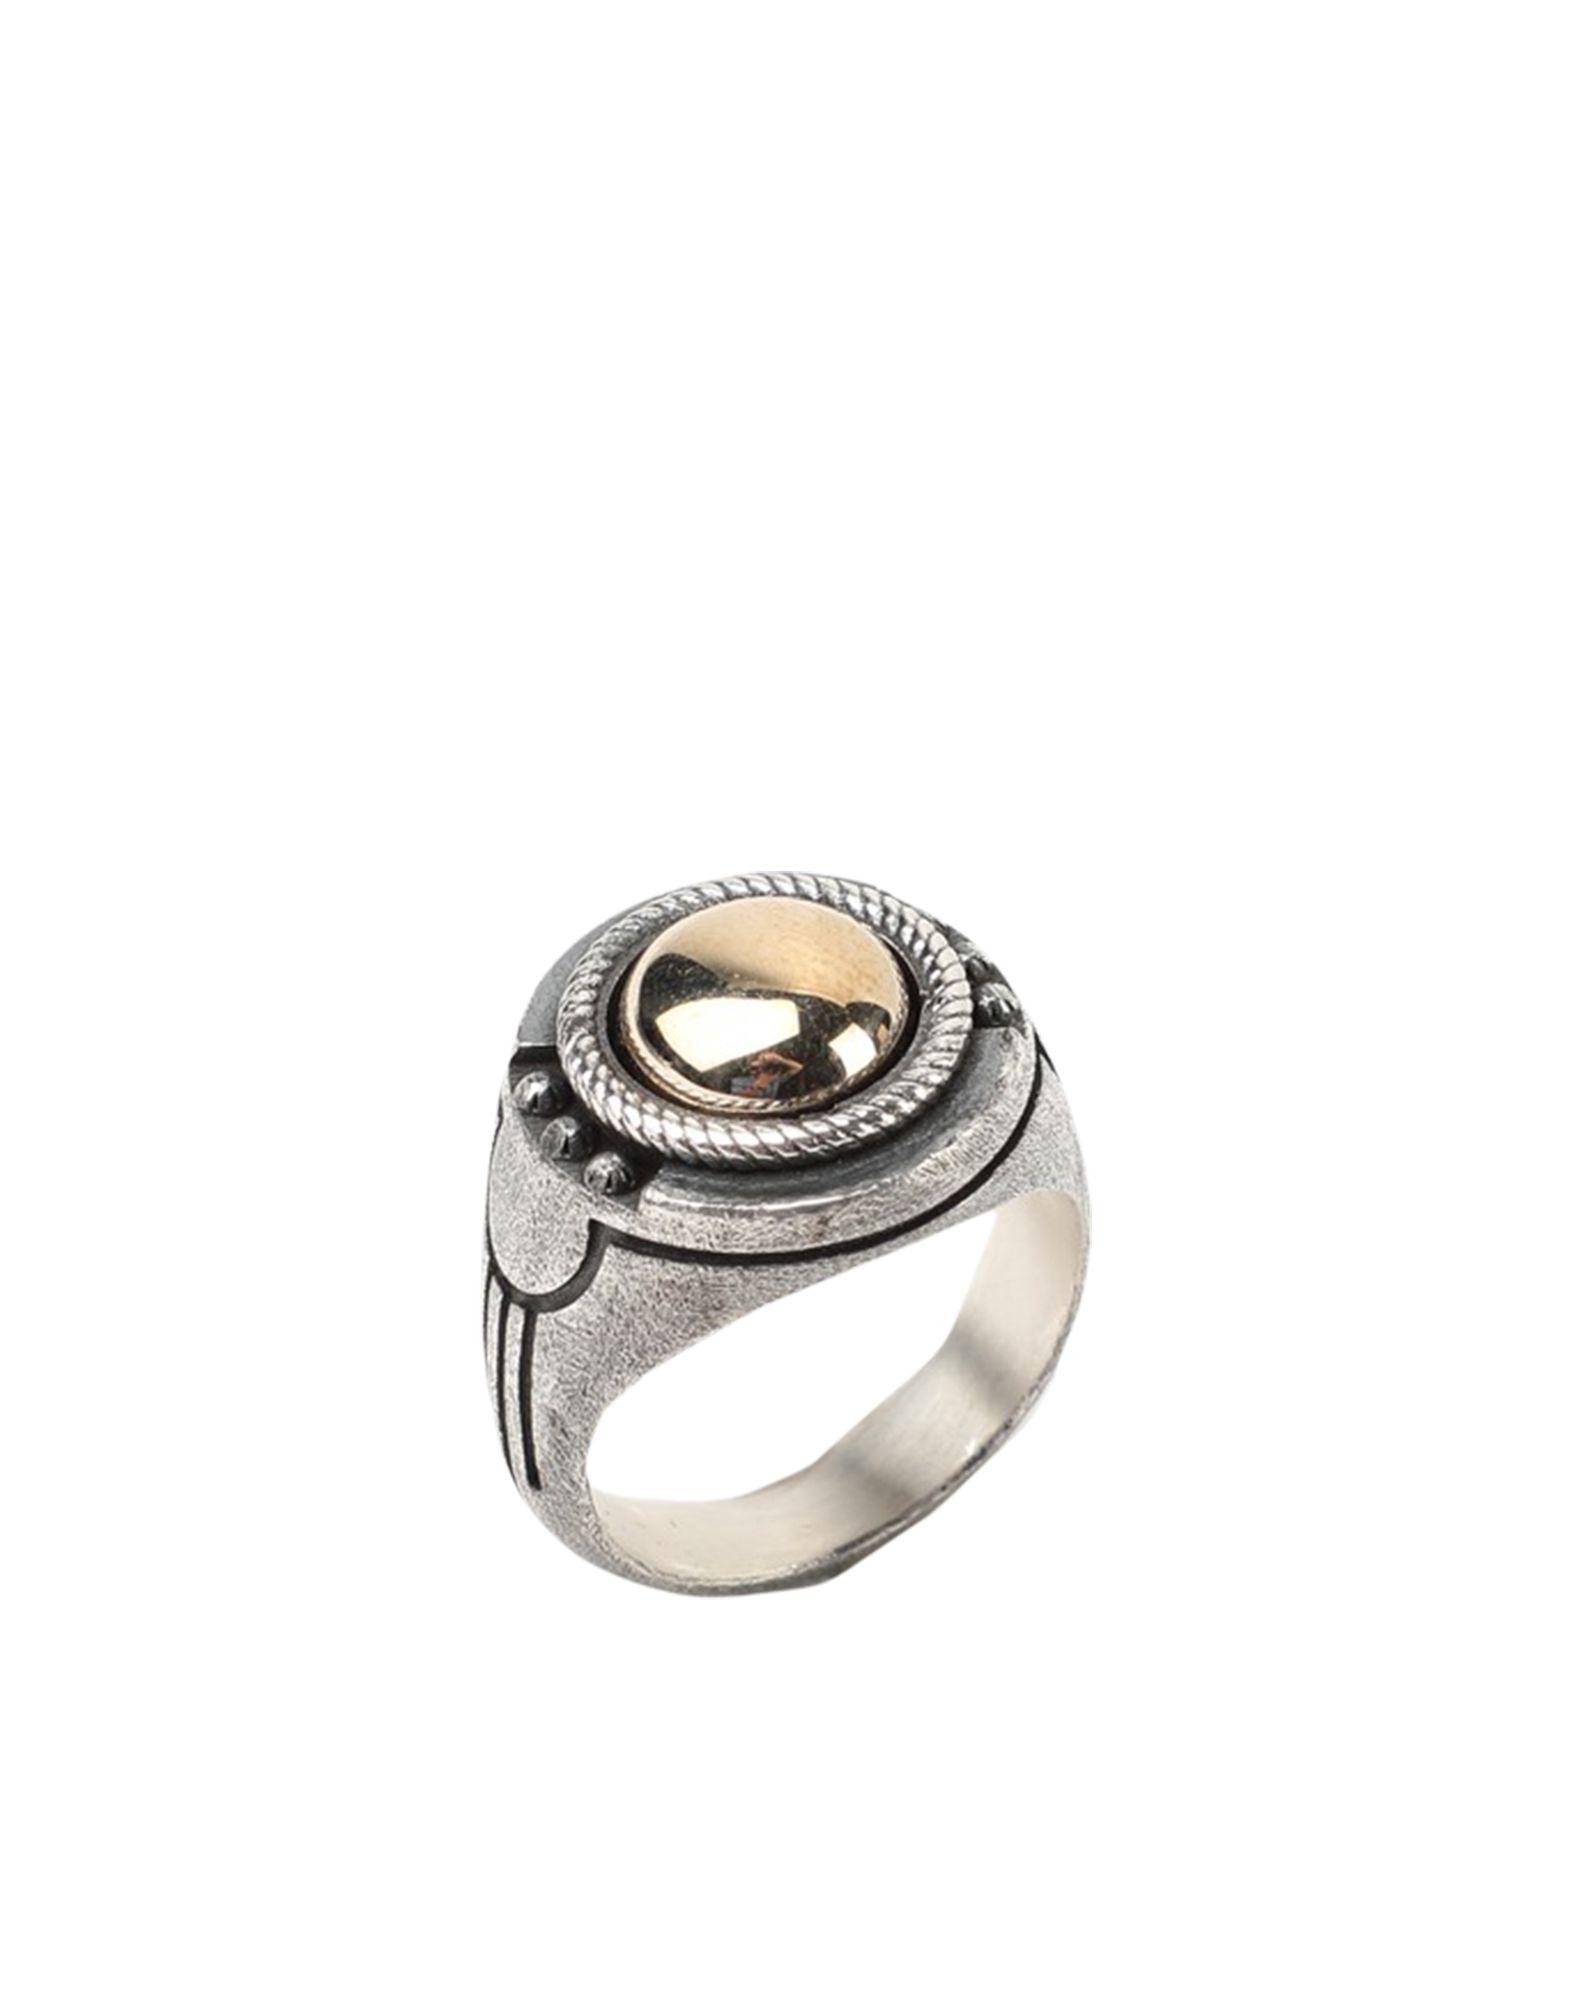 《セール開催中》NOVE25 メンズ 指輪 シルバー 19 シルバー925/1000 BRONZE HIEROGLYPHICS SIGNET